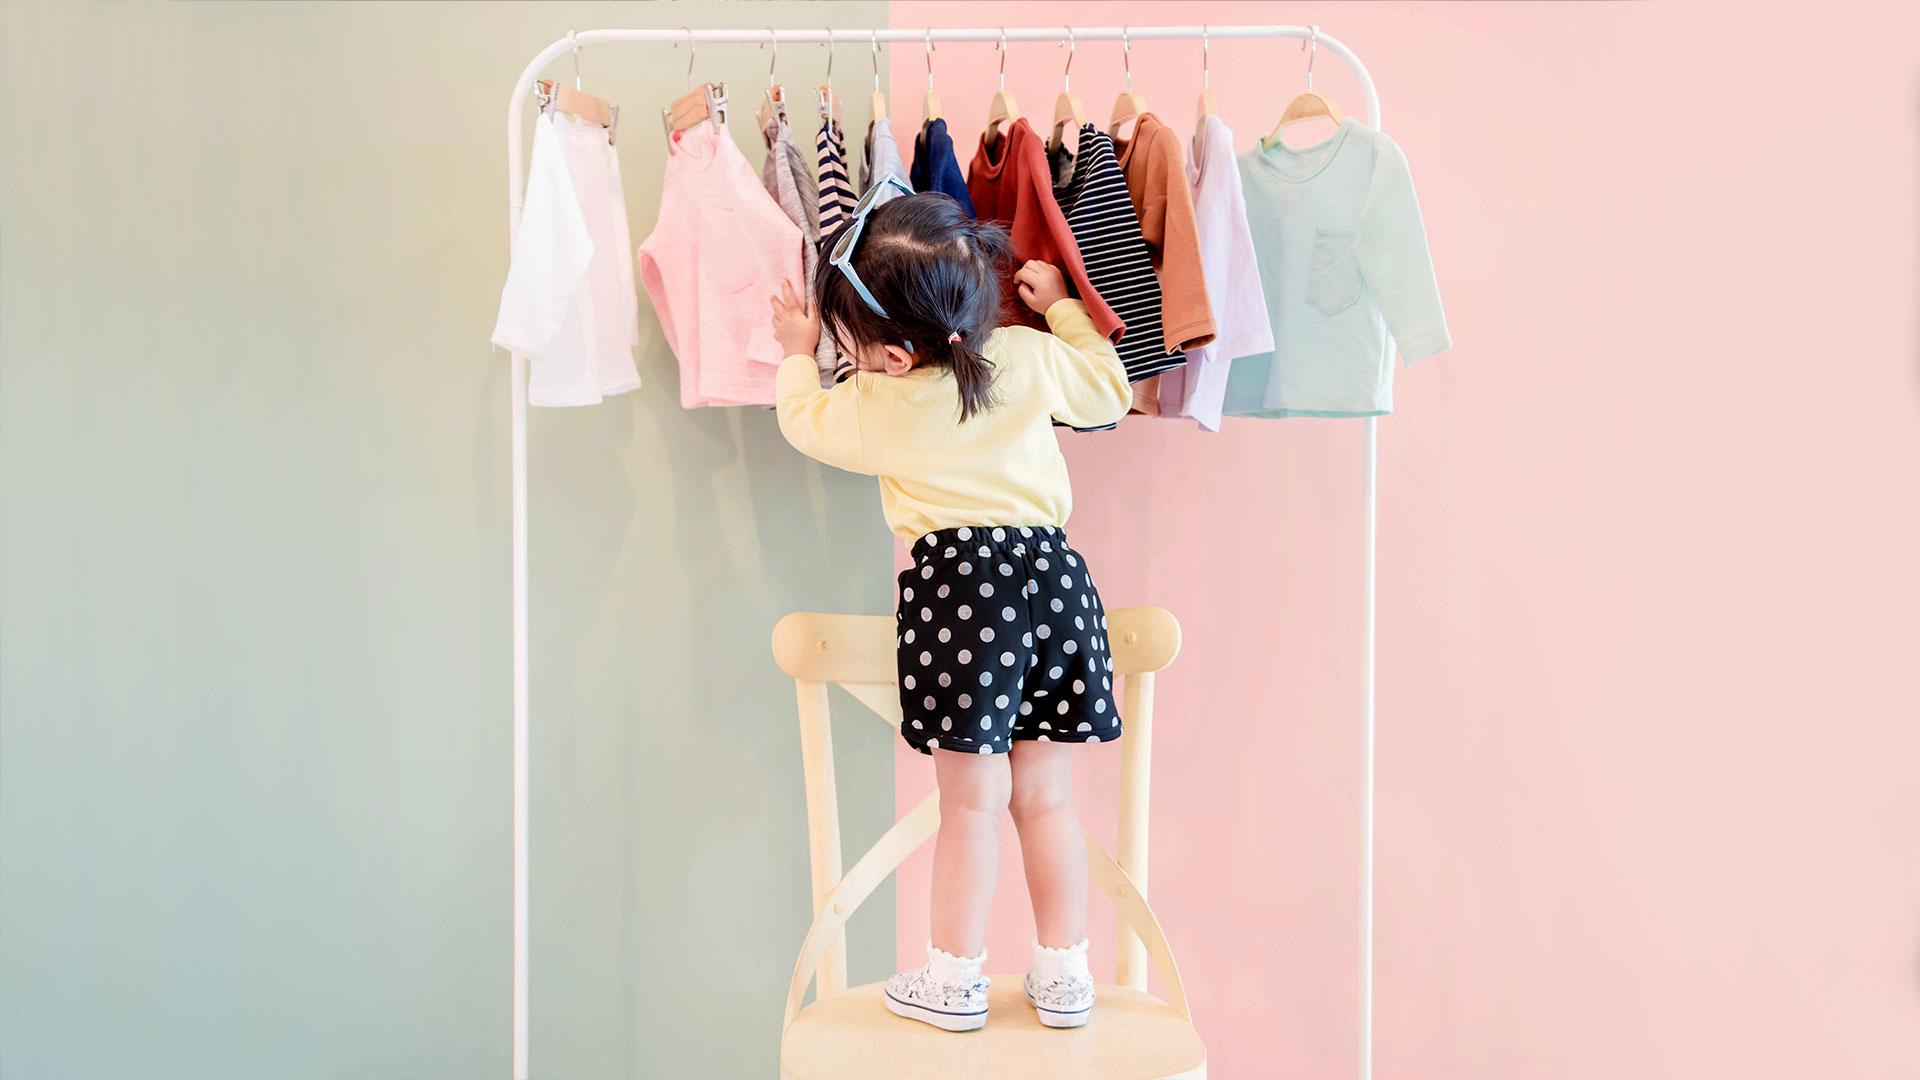 чипирование одежды